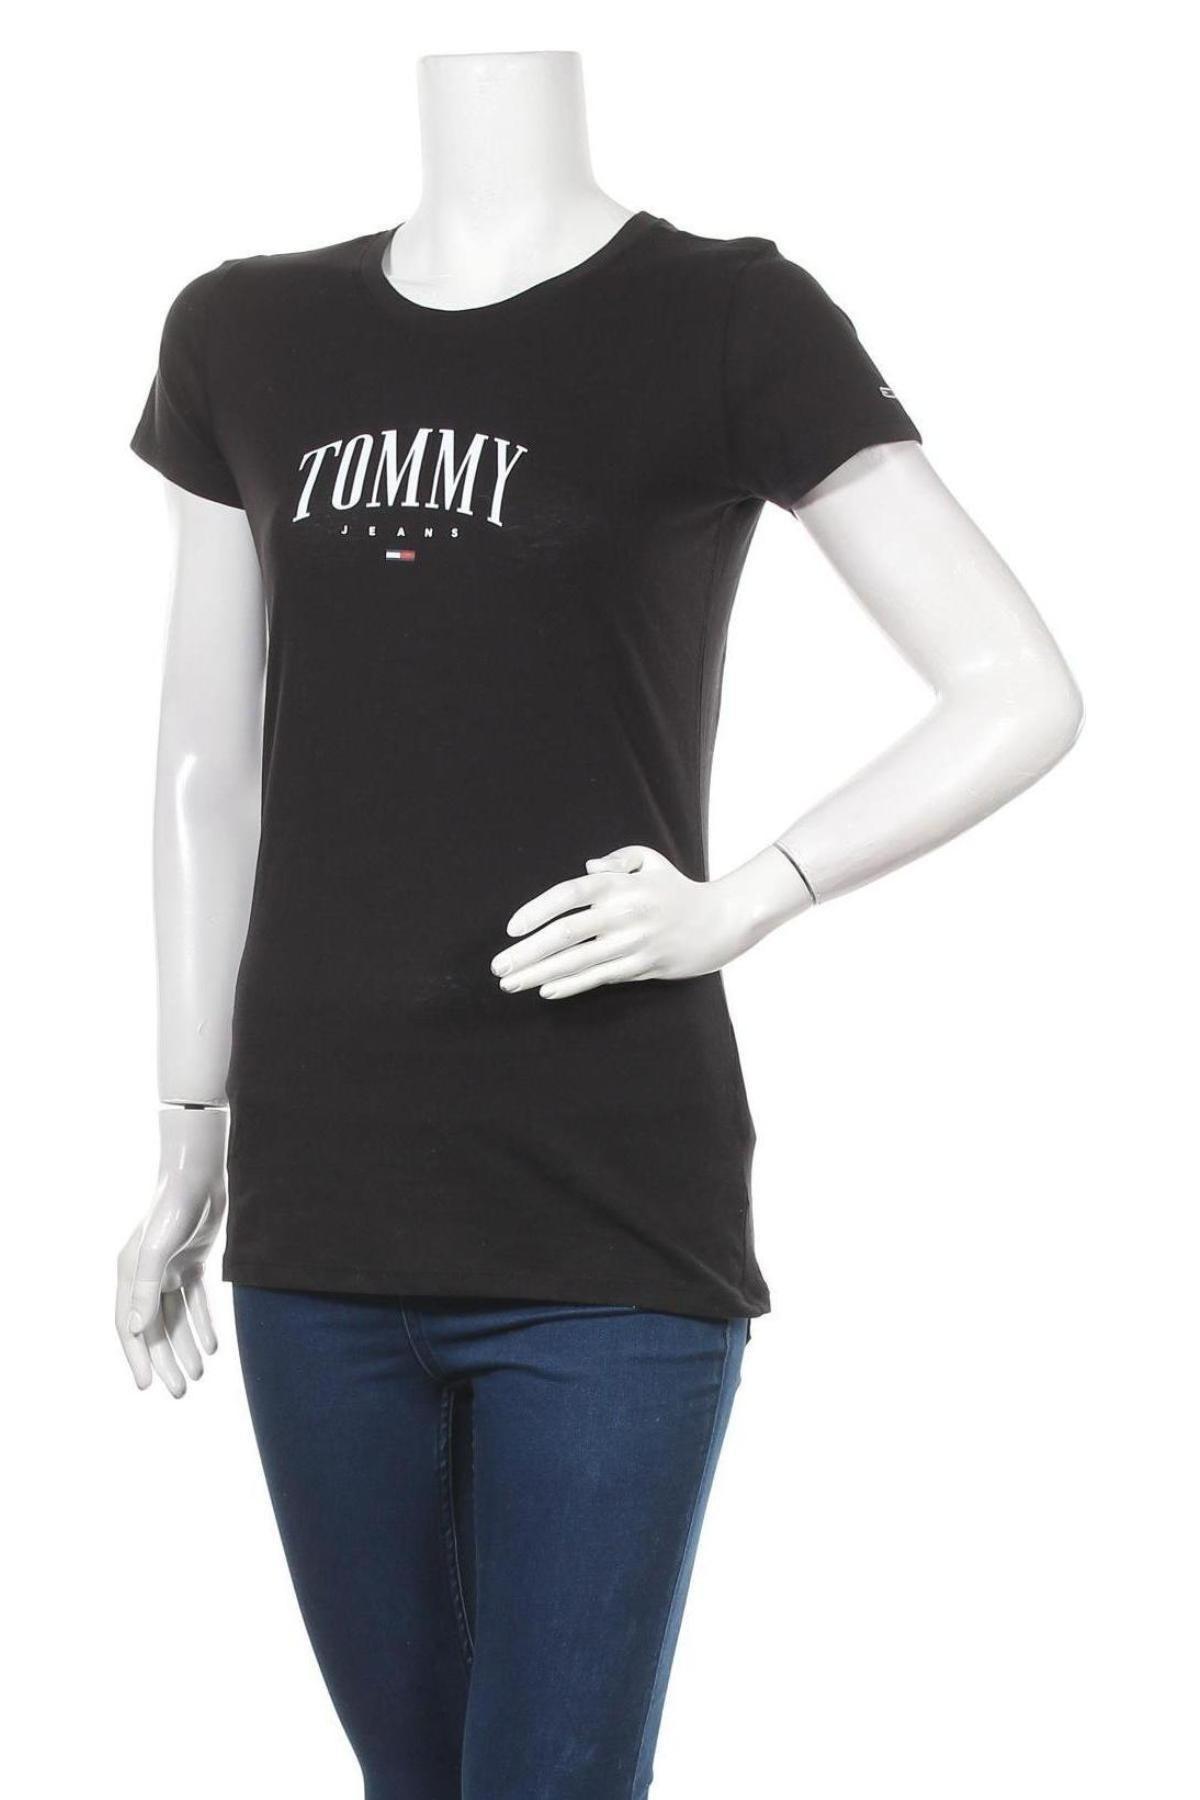 Дамска тениска Tommy Hilfiger, Размер M, Цвят Черен, 60% памук, 40% полиестер, Цена 60,80лв.